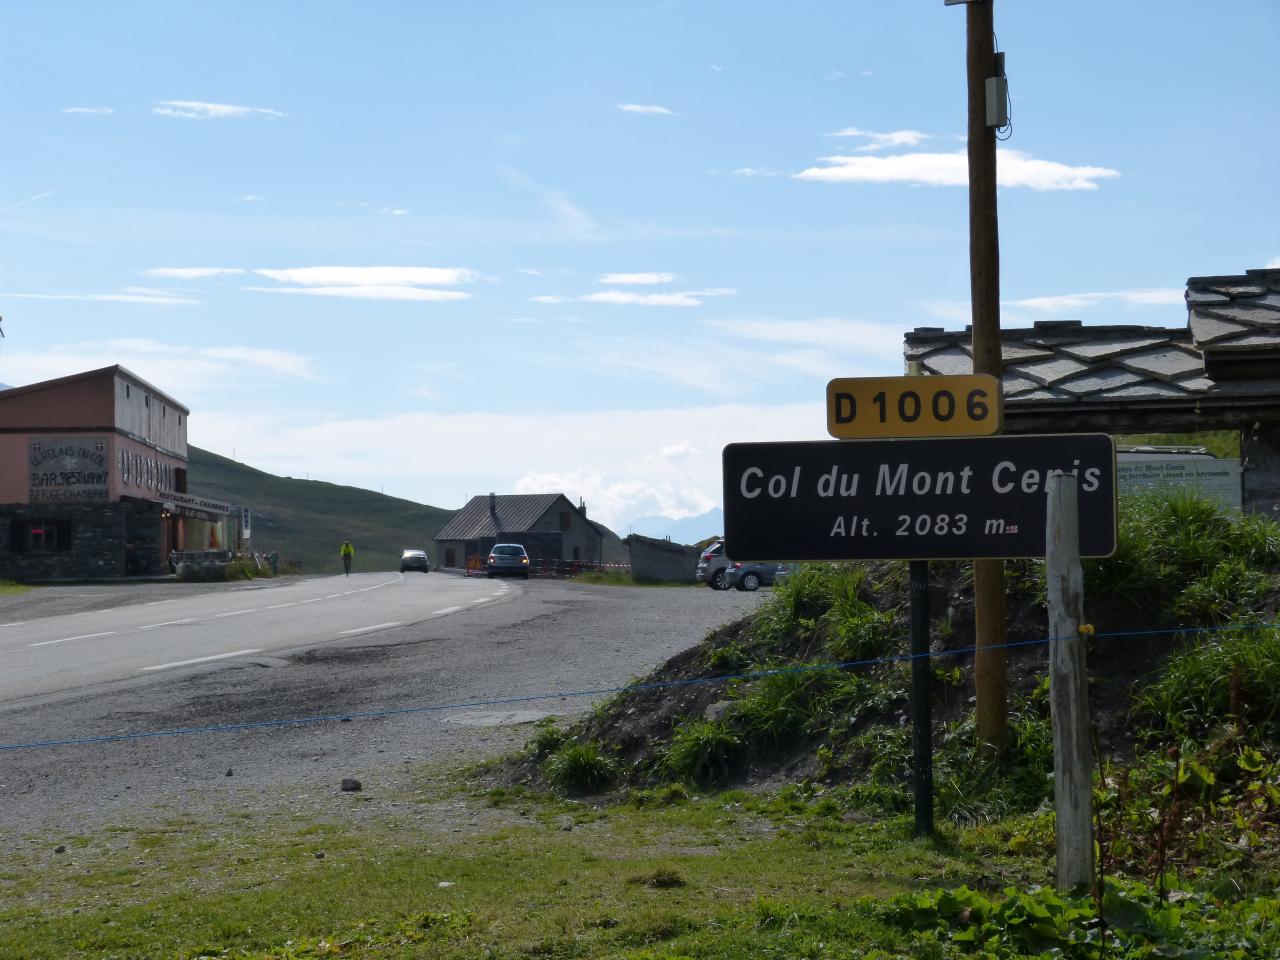 Col du Mont Cenis (vélo)